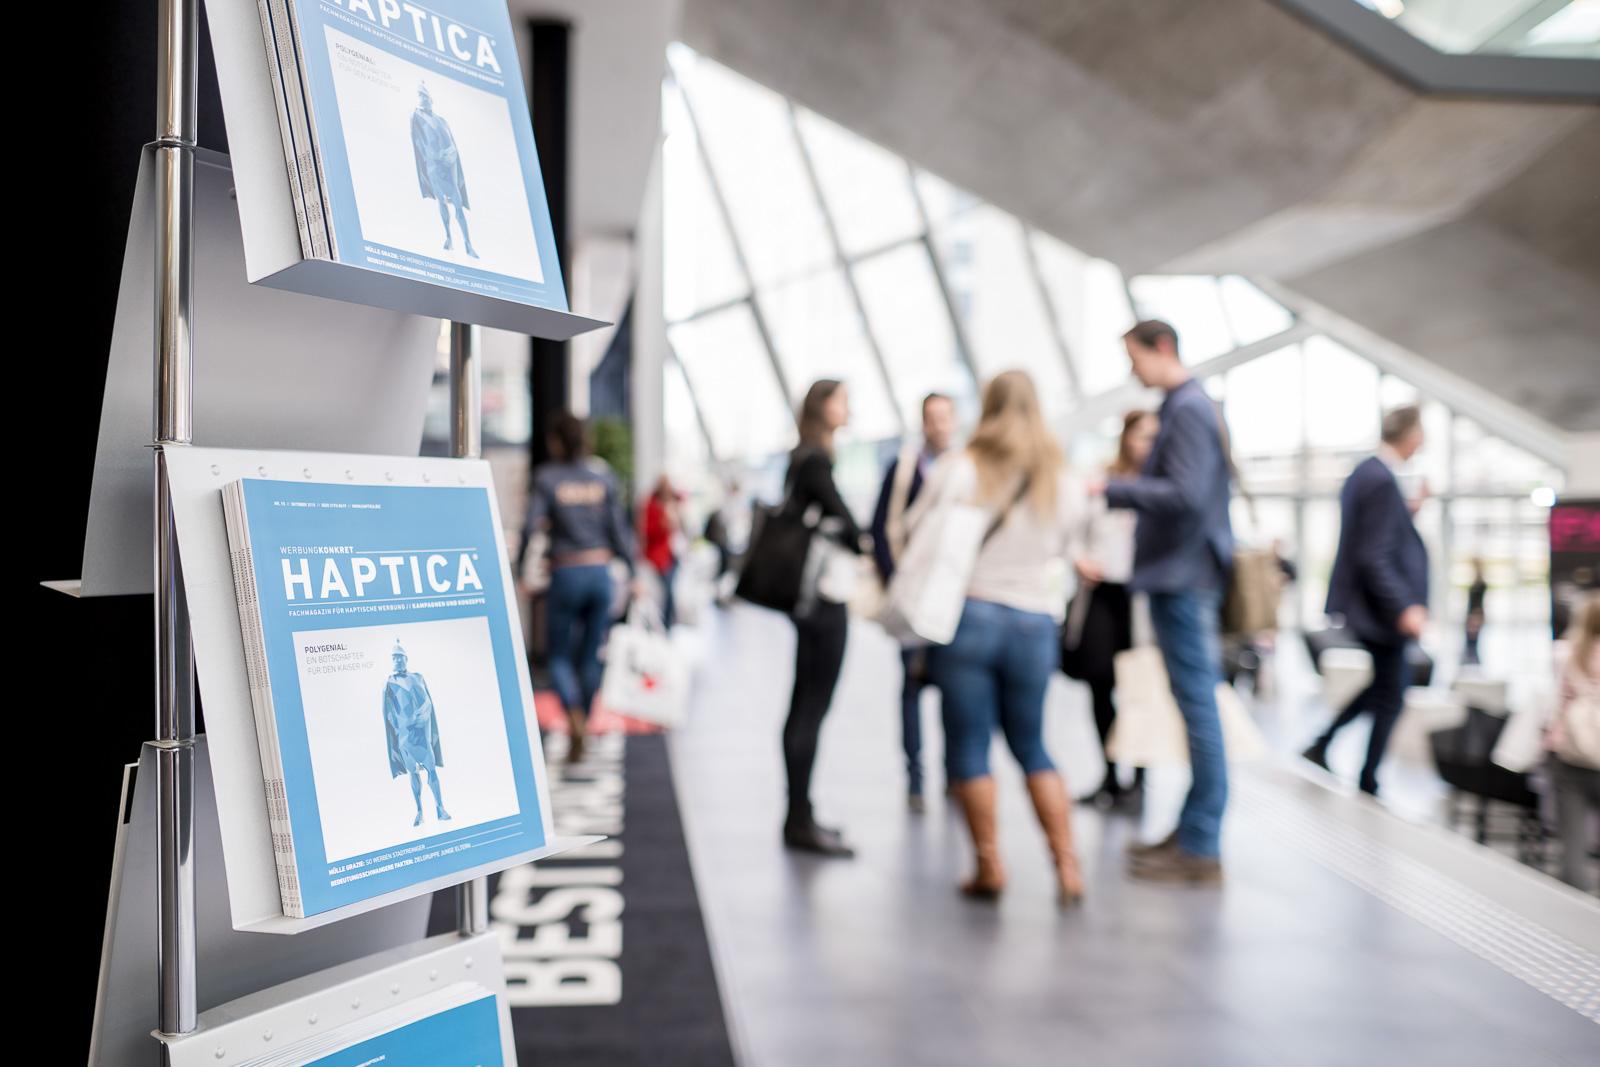 Messefotografie - Haptica - Bonn - Veranstalter WA Media - Messehalle